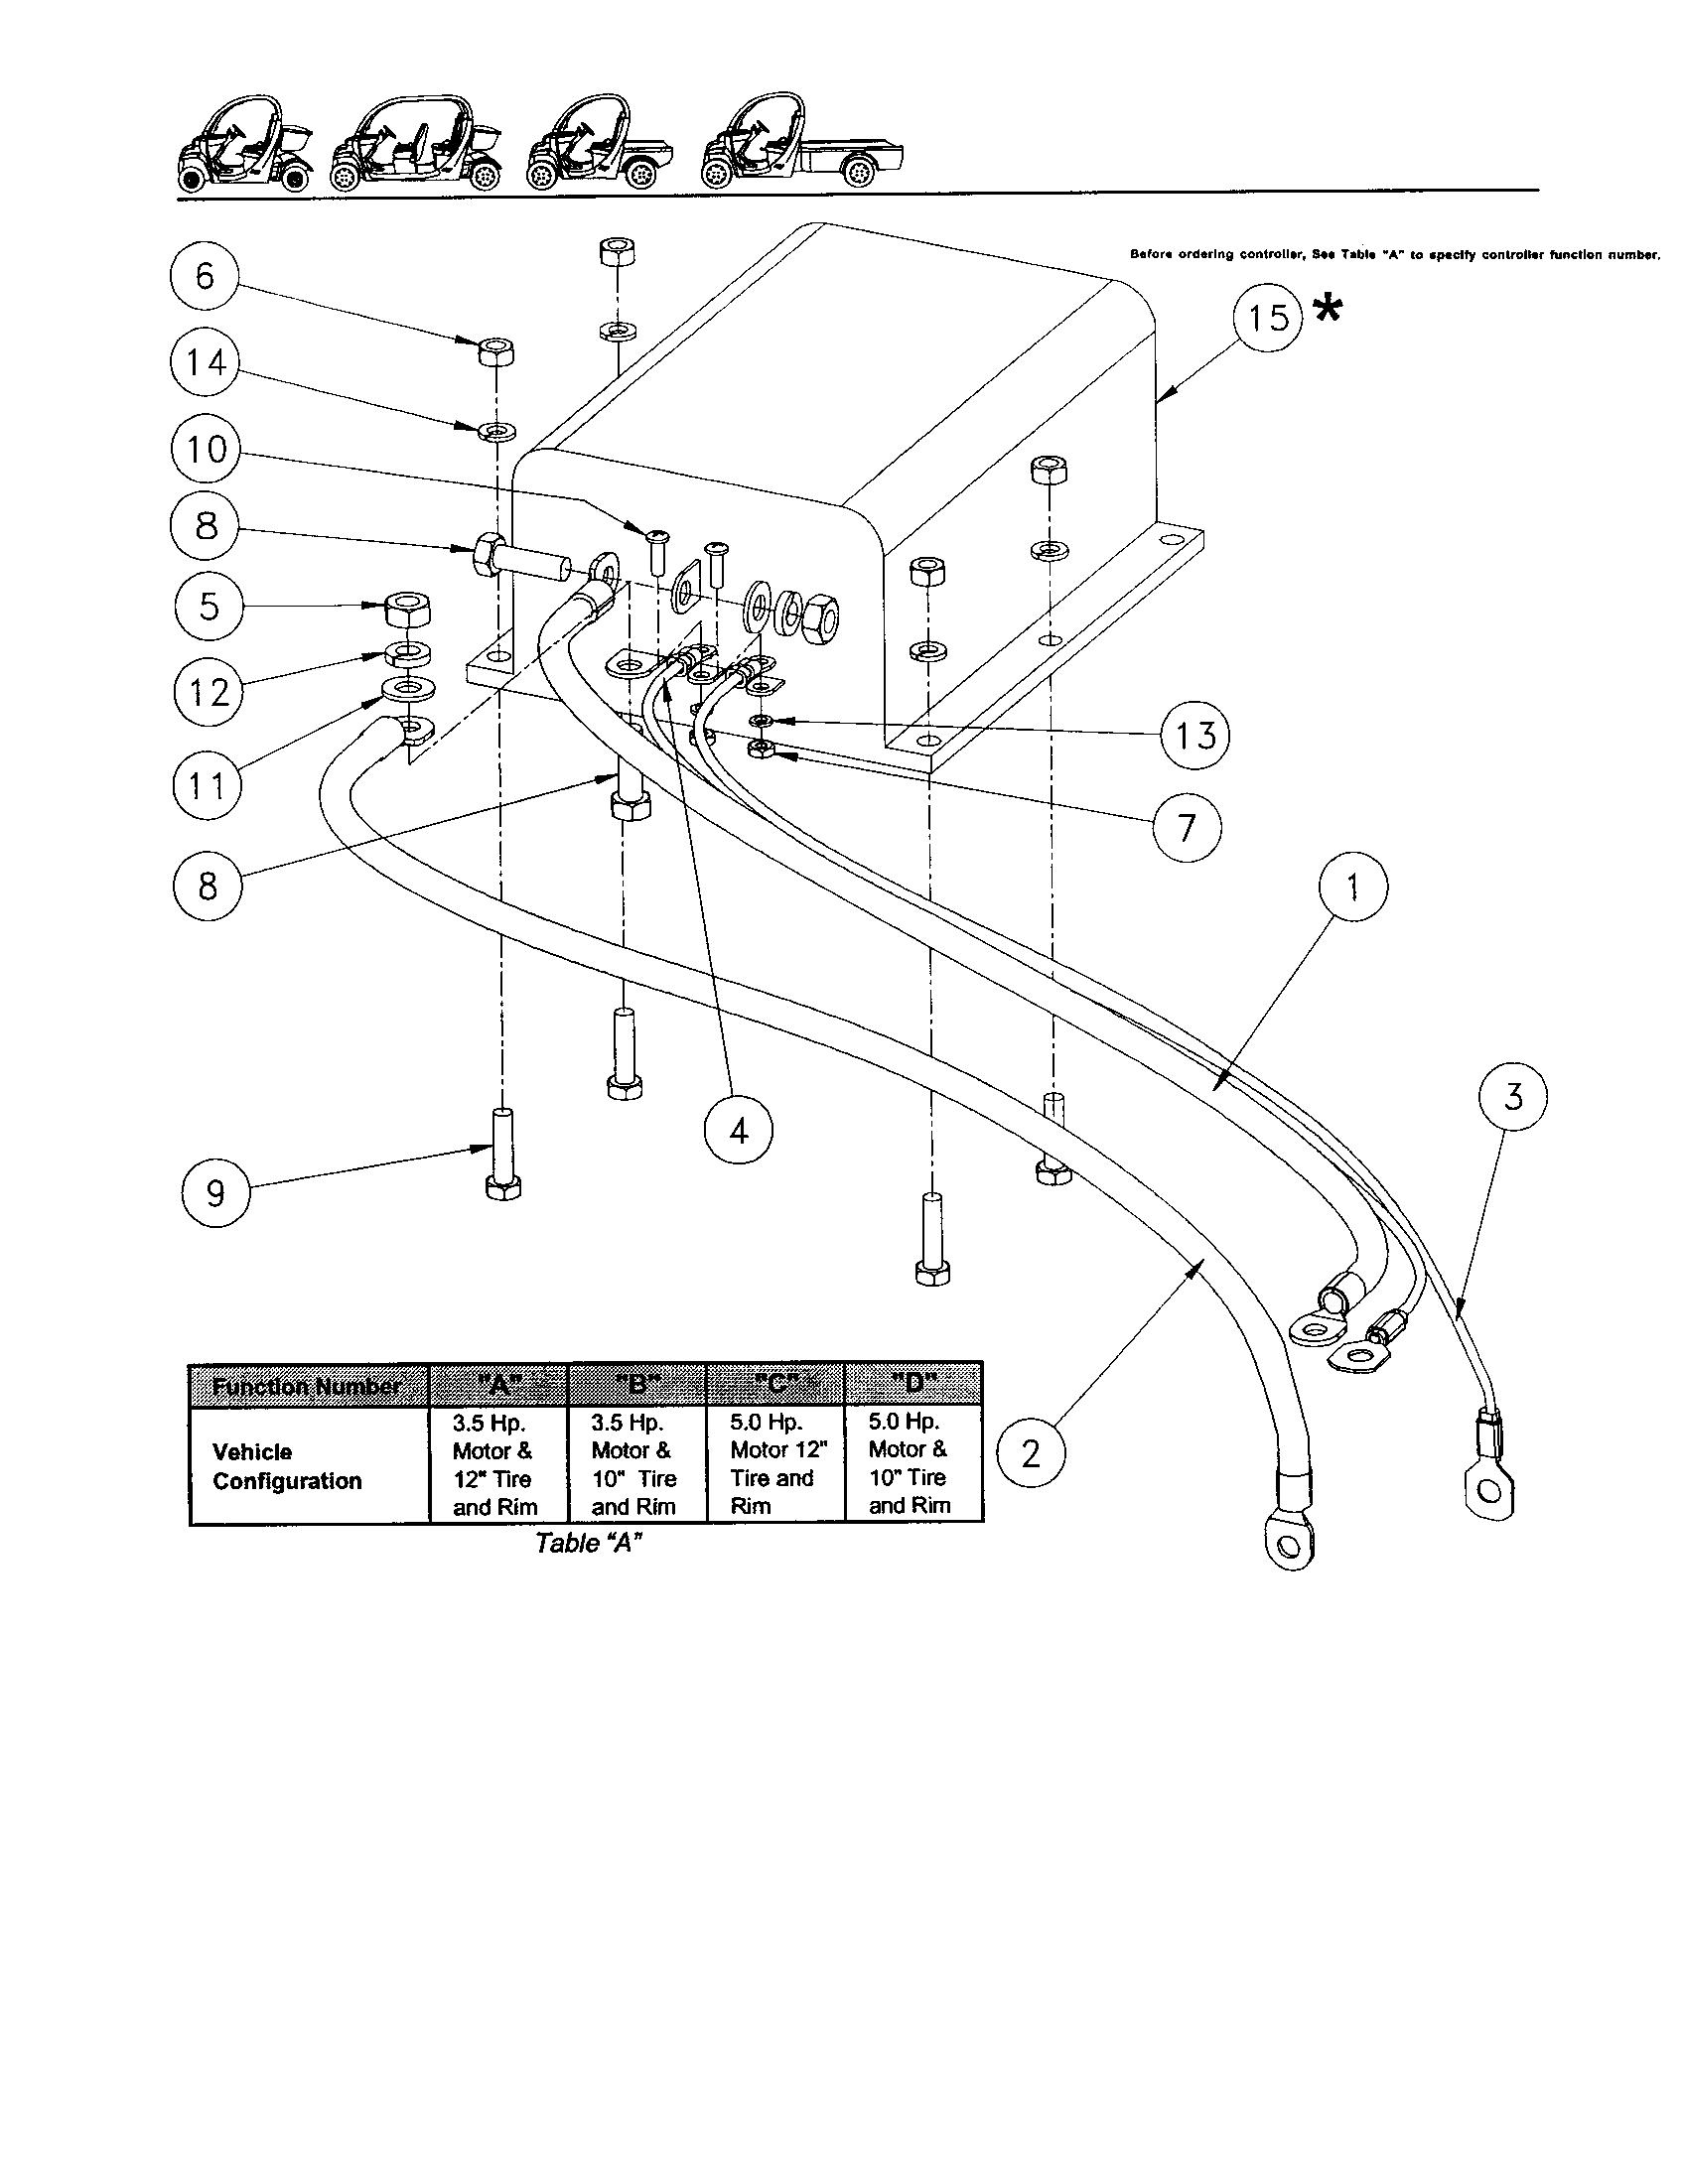 gem e4 wiring diagram